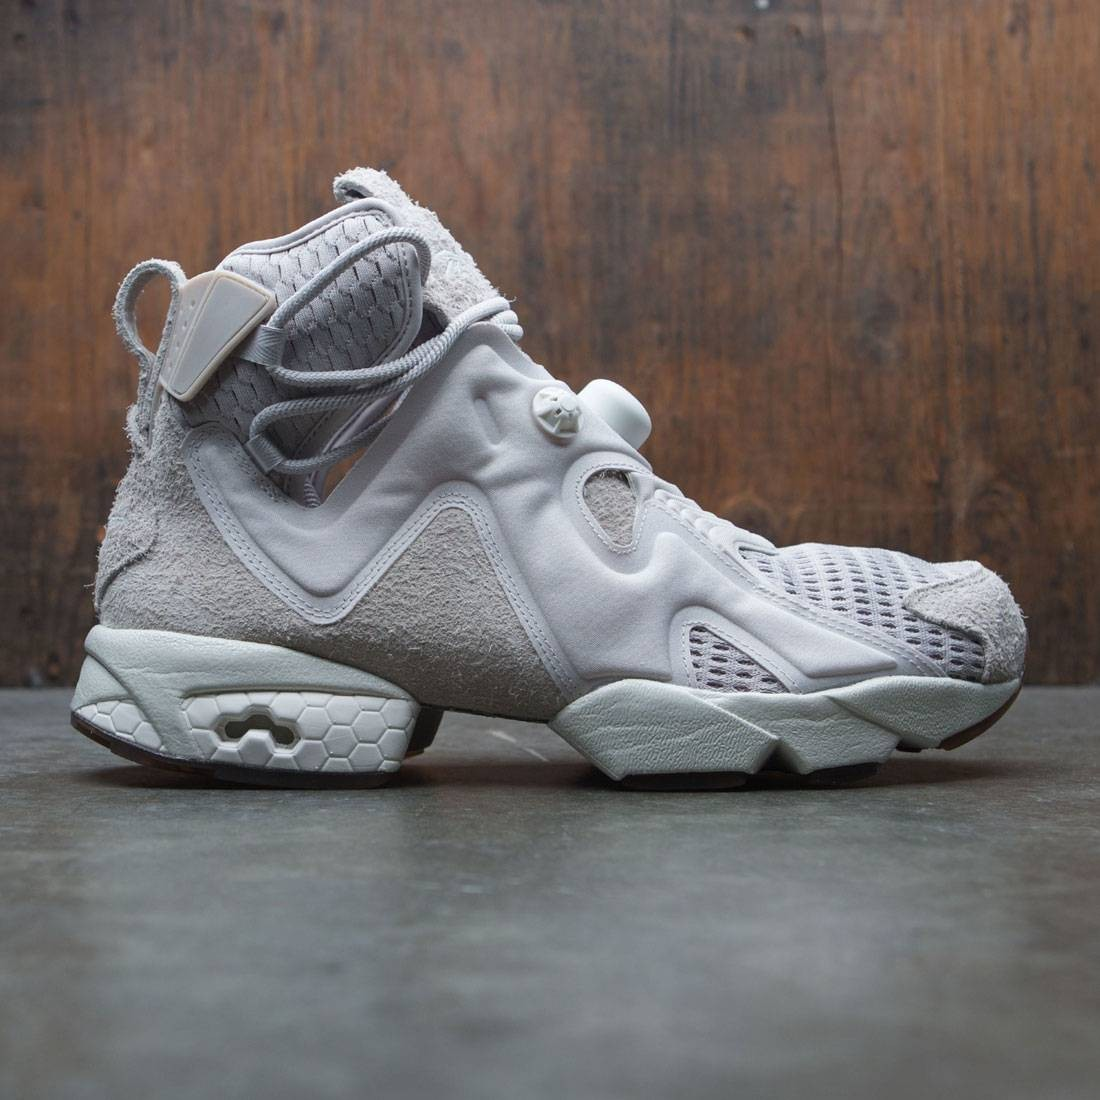 【海外限定】リーボック 砂色 サンド メンズ靴 靴 【 REEBOK X FUTURE MEN FURIKAZE BEIGE SAND STONE CHALK GUM 】